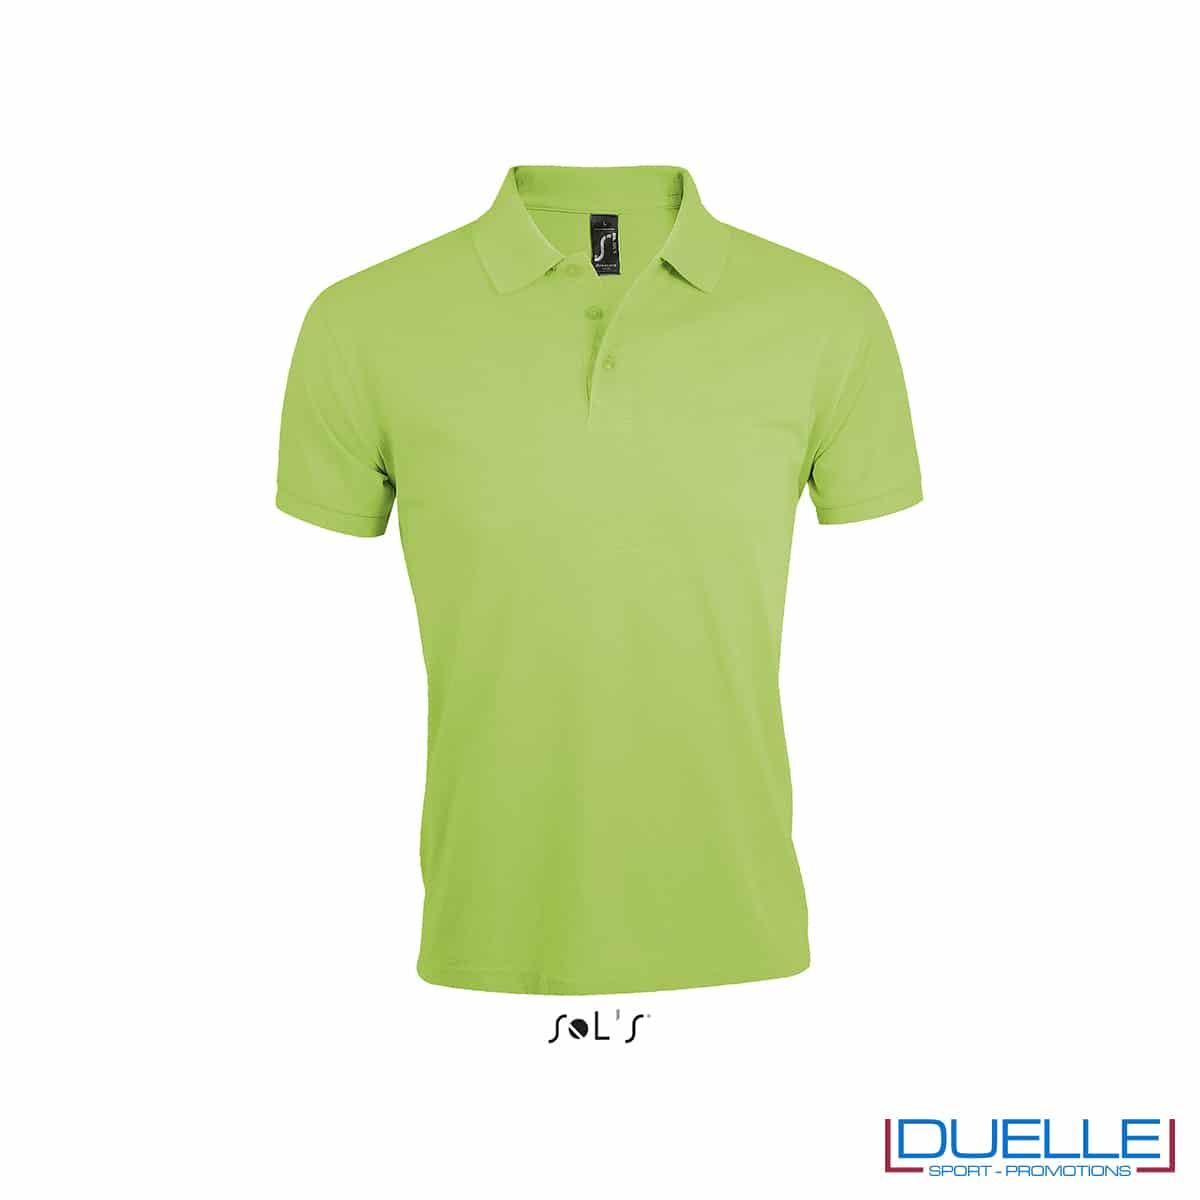 Polo maniche corte fresca verde chiaro branding